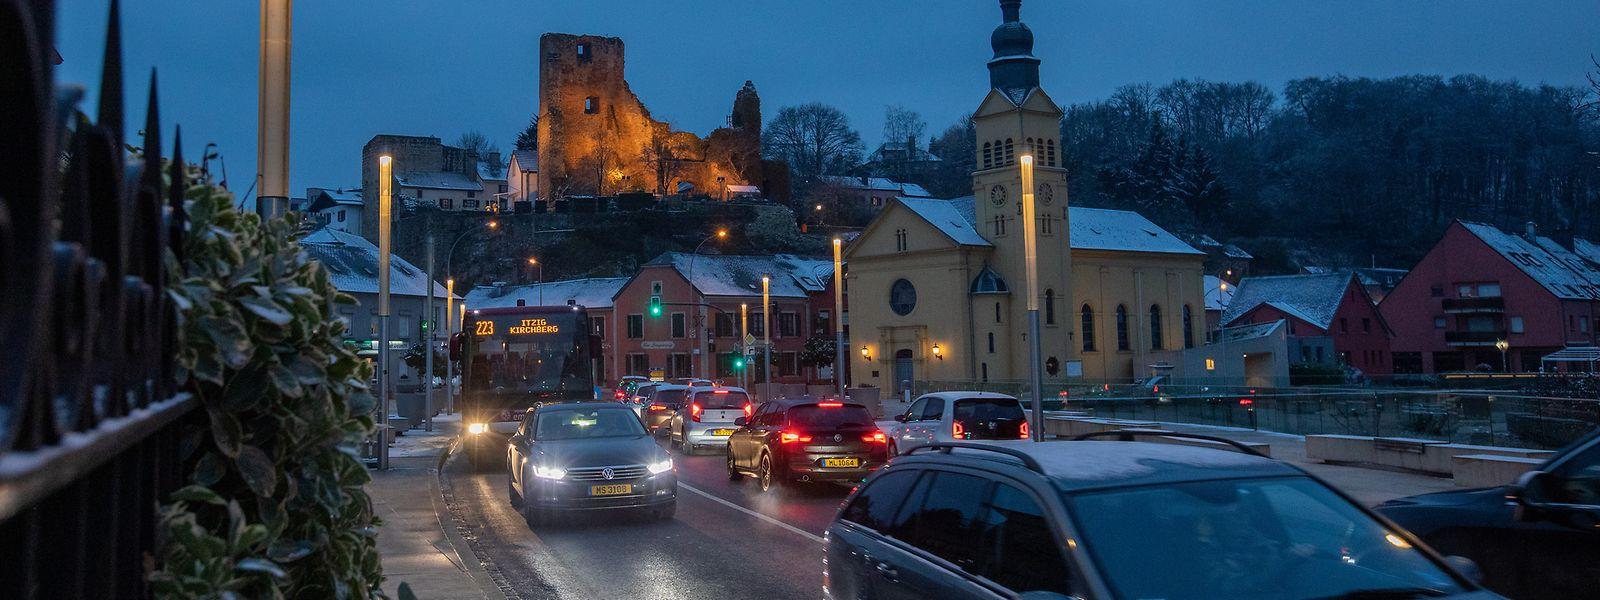 Viel Verkehr im Ortszentrum von Hesperingen.